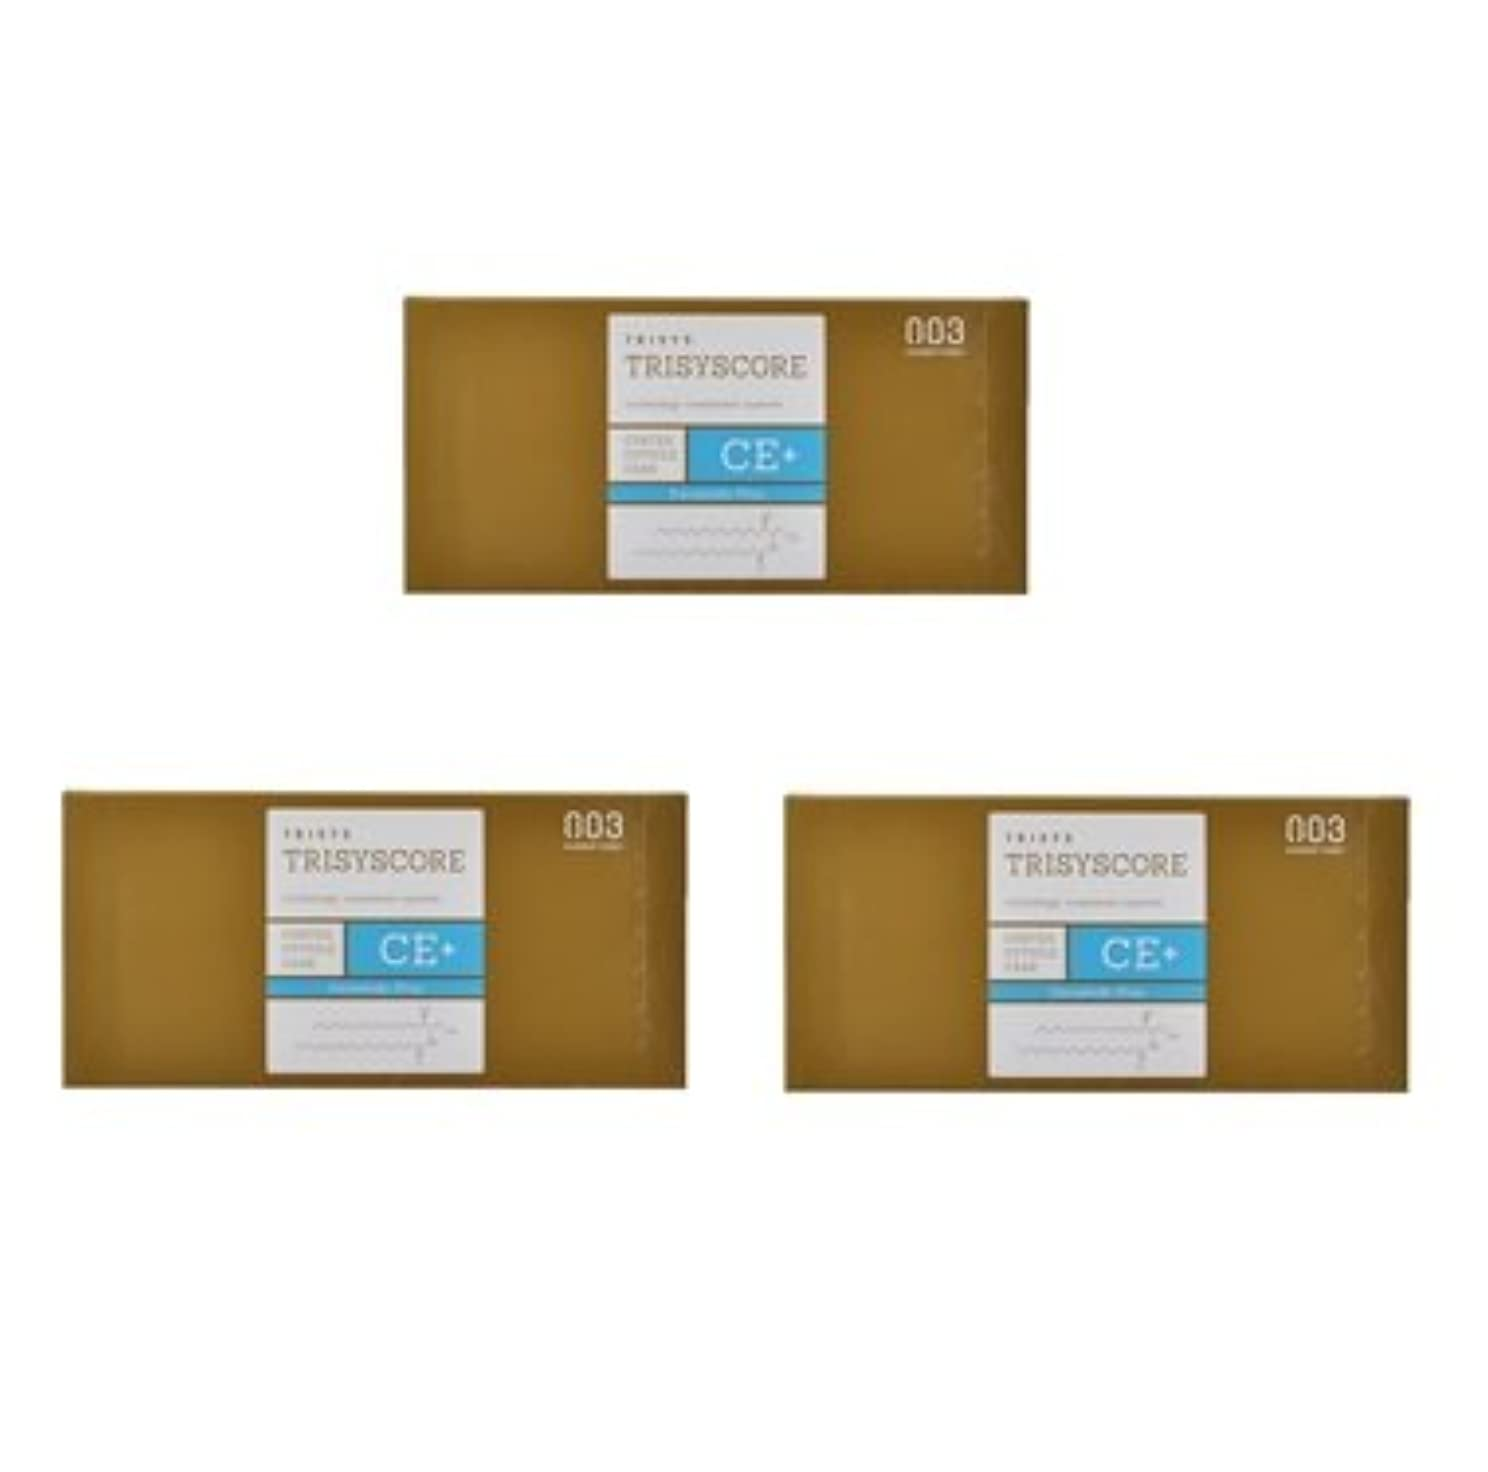 理想的豆変形【X3個セット】ナンバースリー トリシスコア CEプラス (ヘアトリートメント) 12g × 4包入り